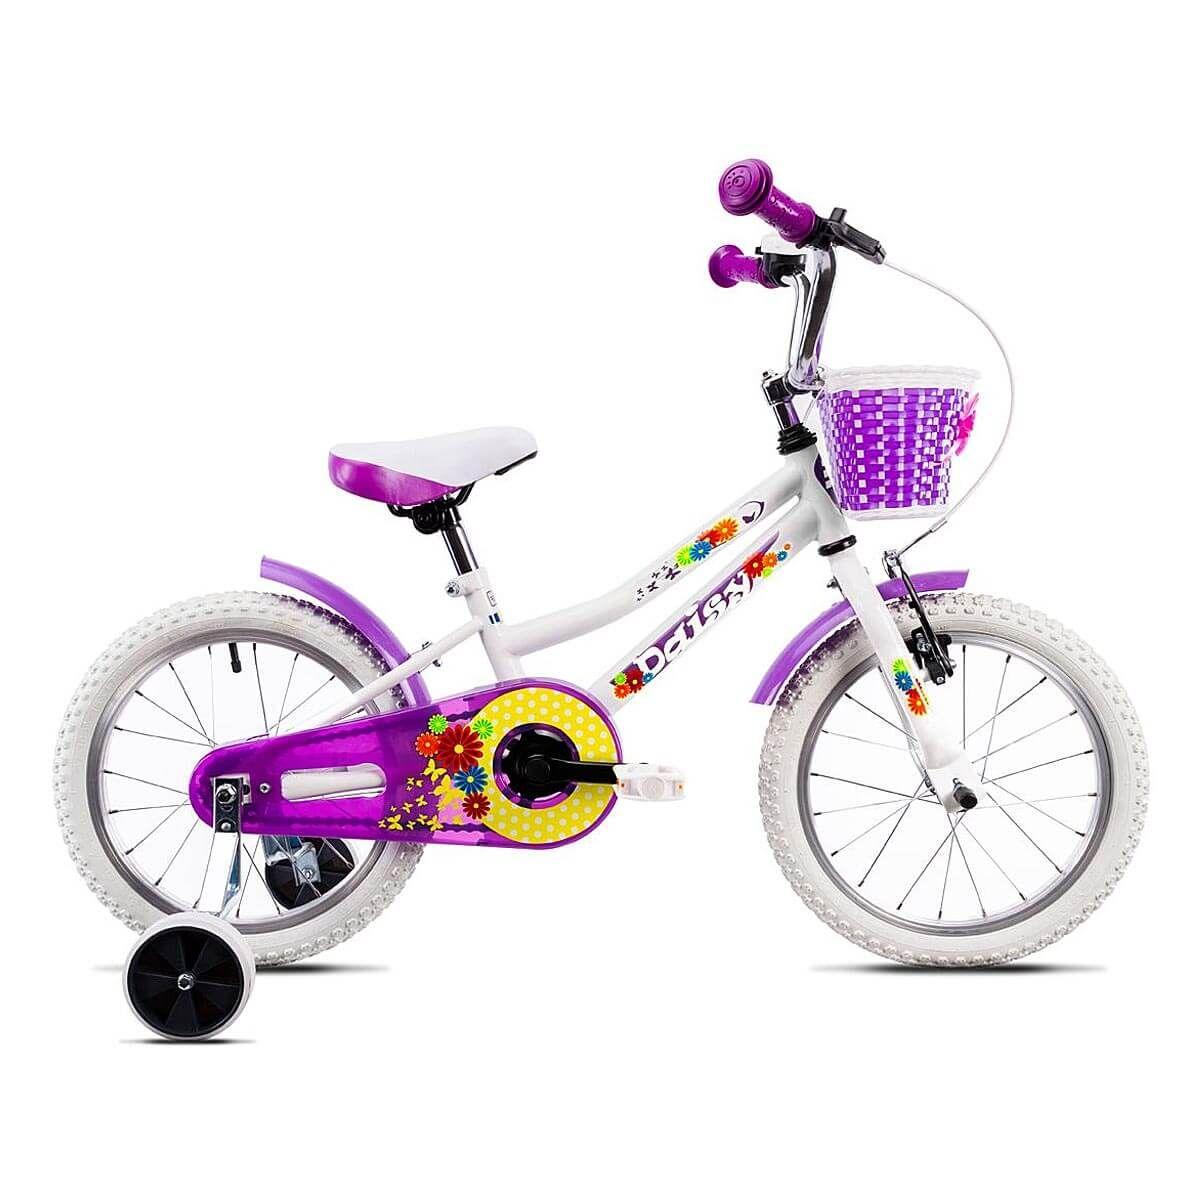 Bicicleta copii DHS, 16 inch, alb